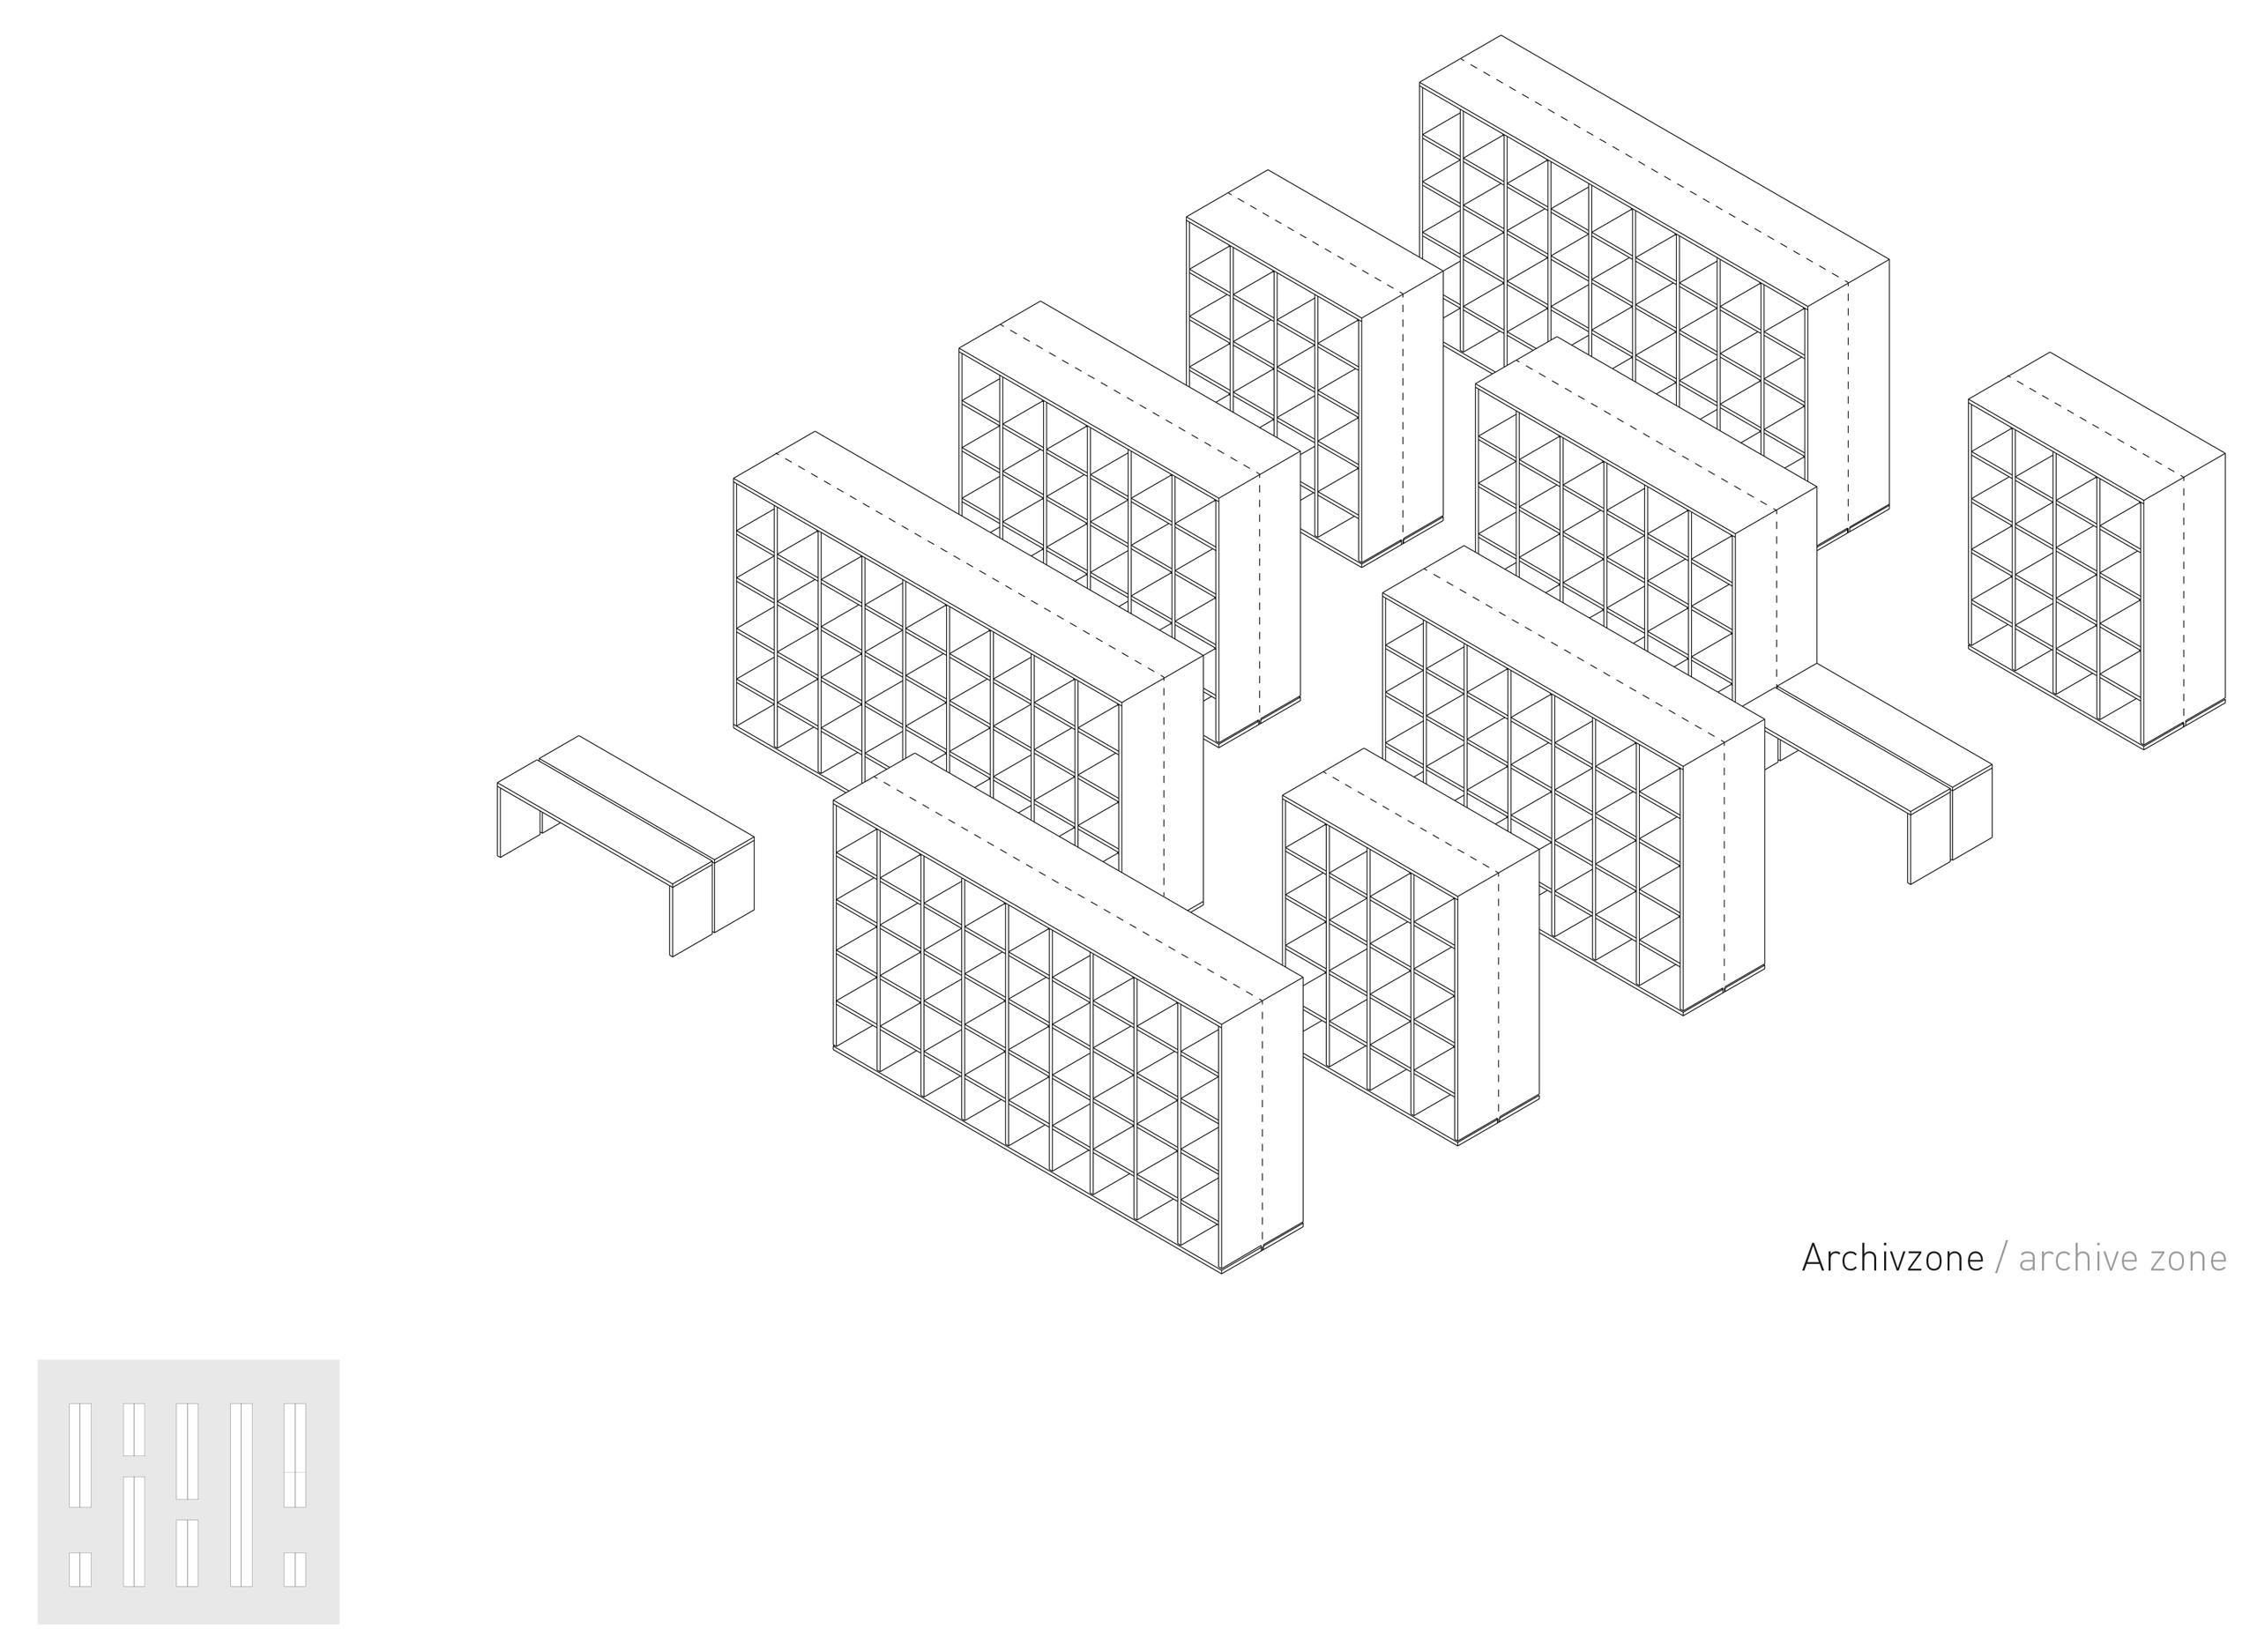 GE_kopfbau_design_print-29